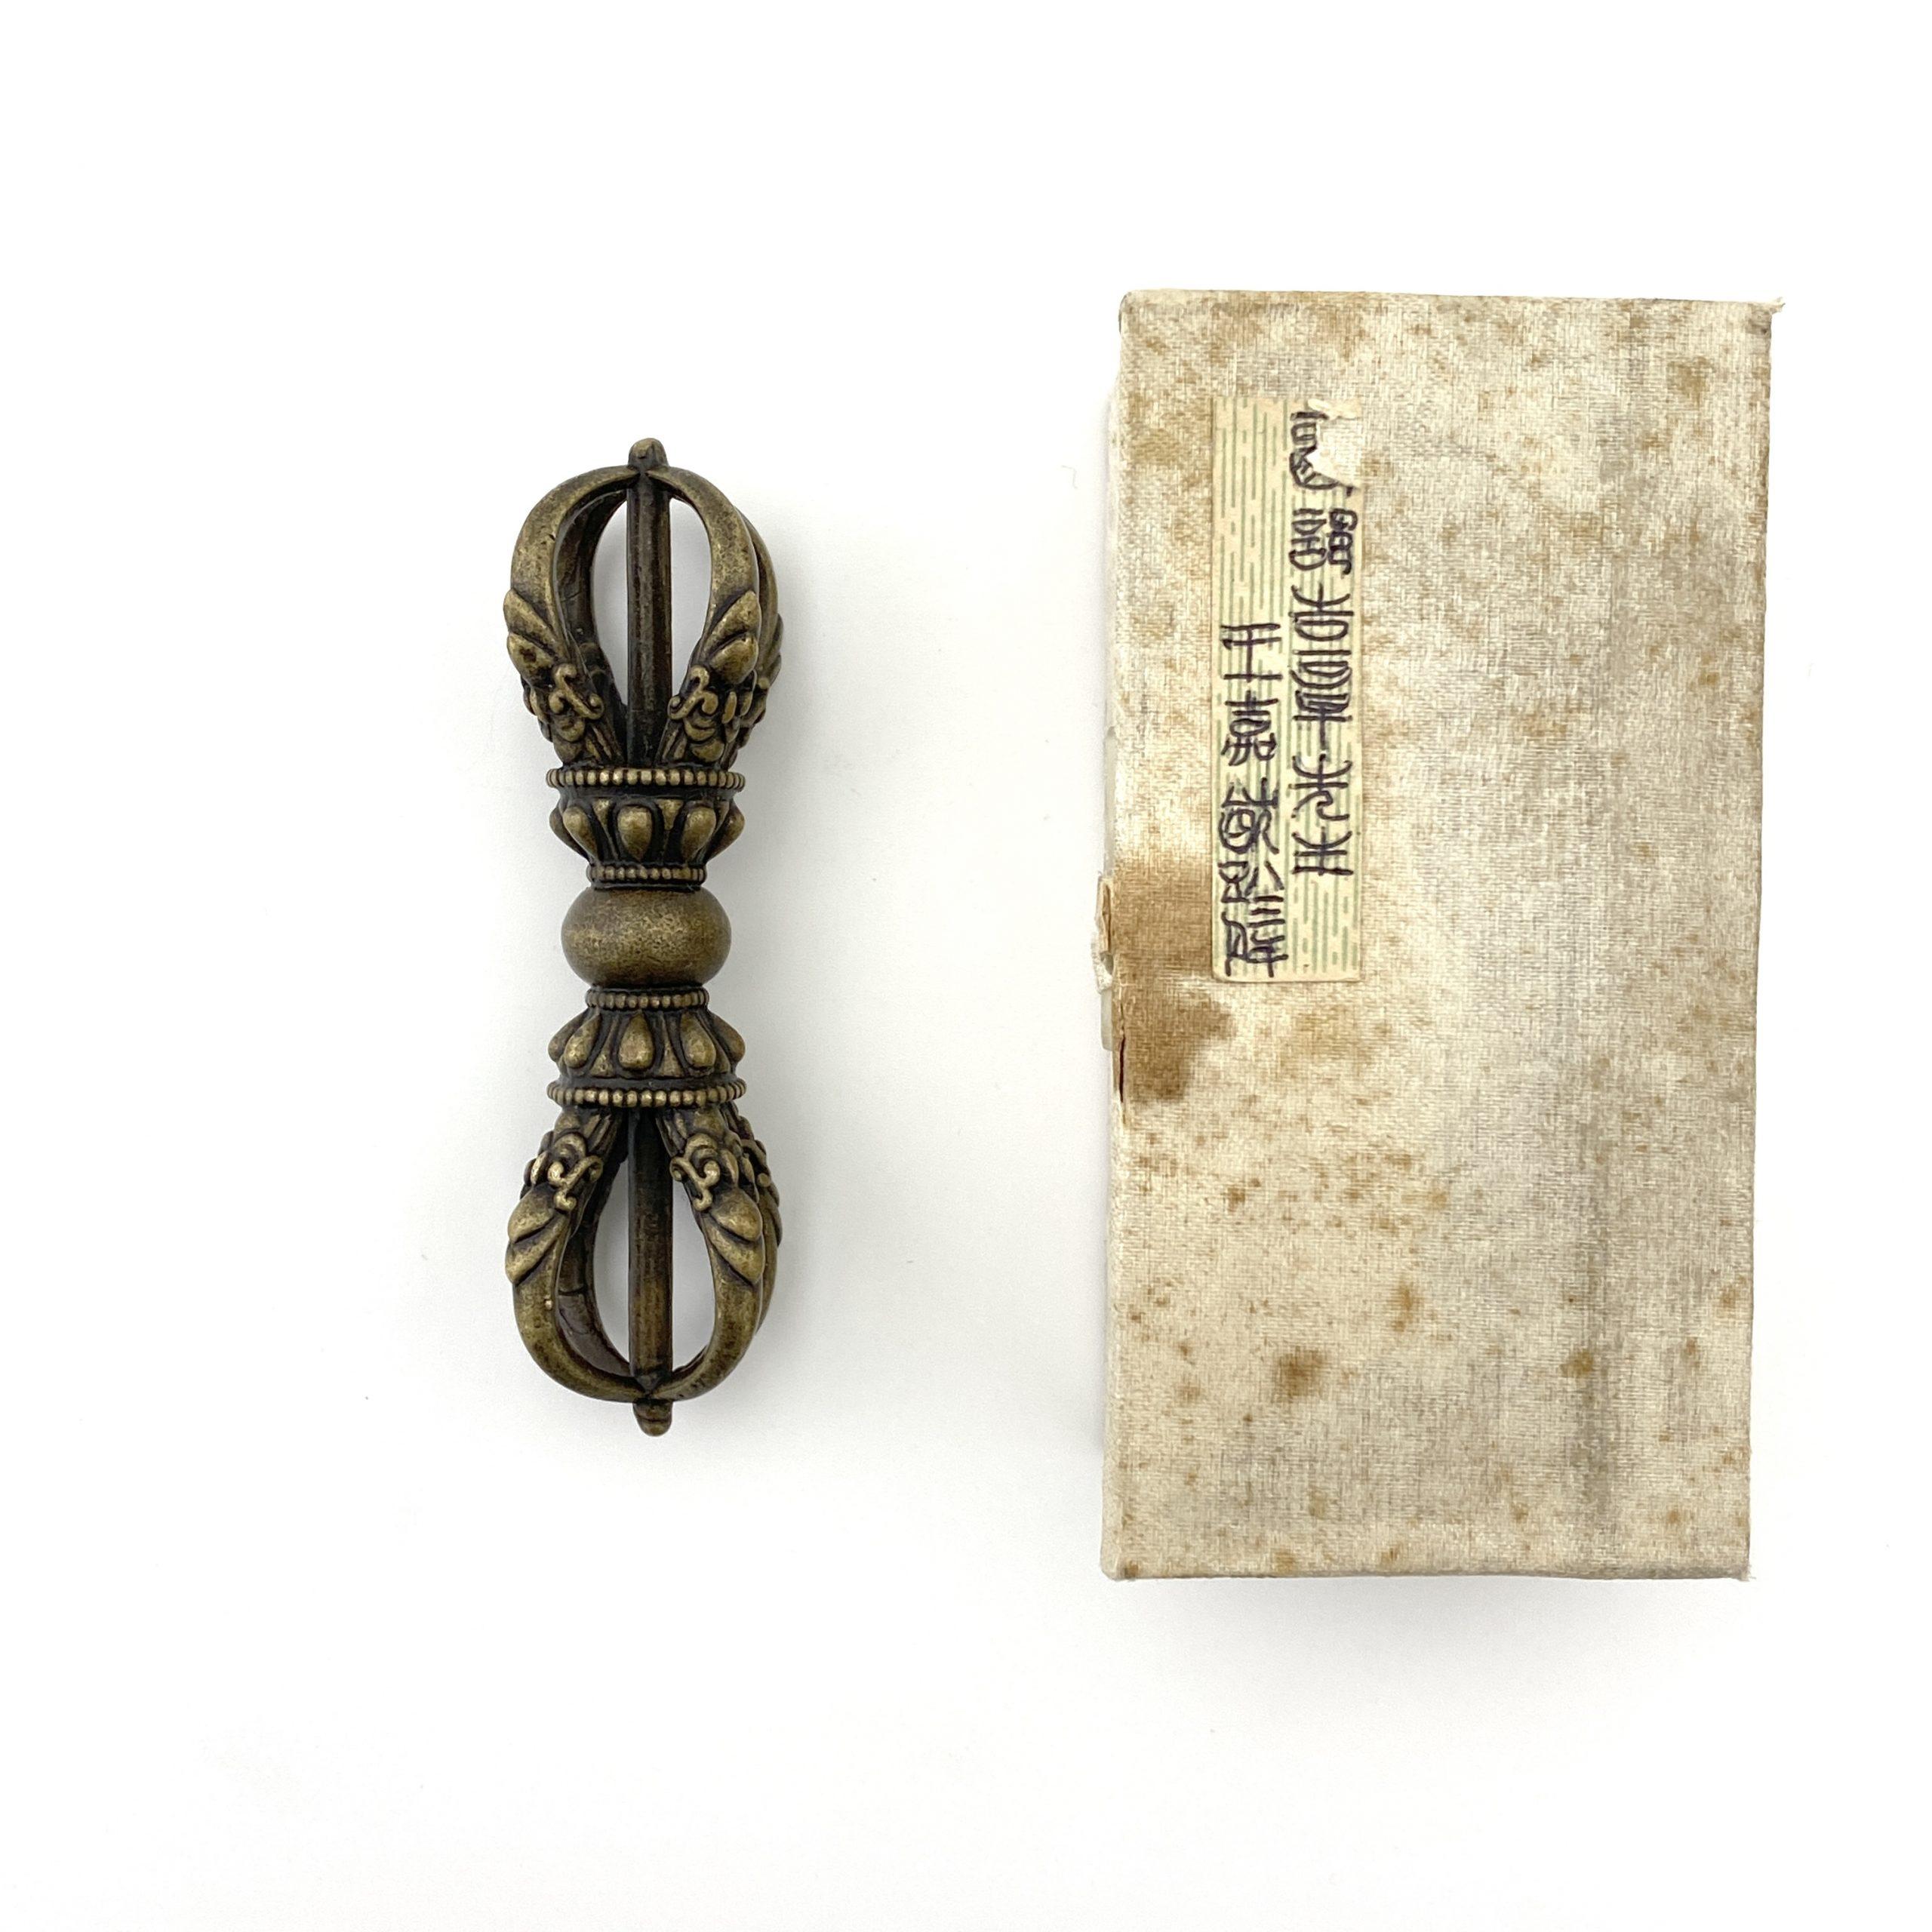 21700南宋 銅 五鈷杵 同一収蔵家 第17回網頁掲載品